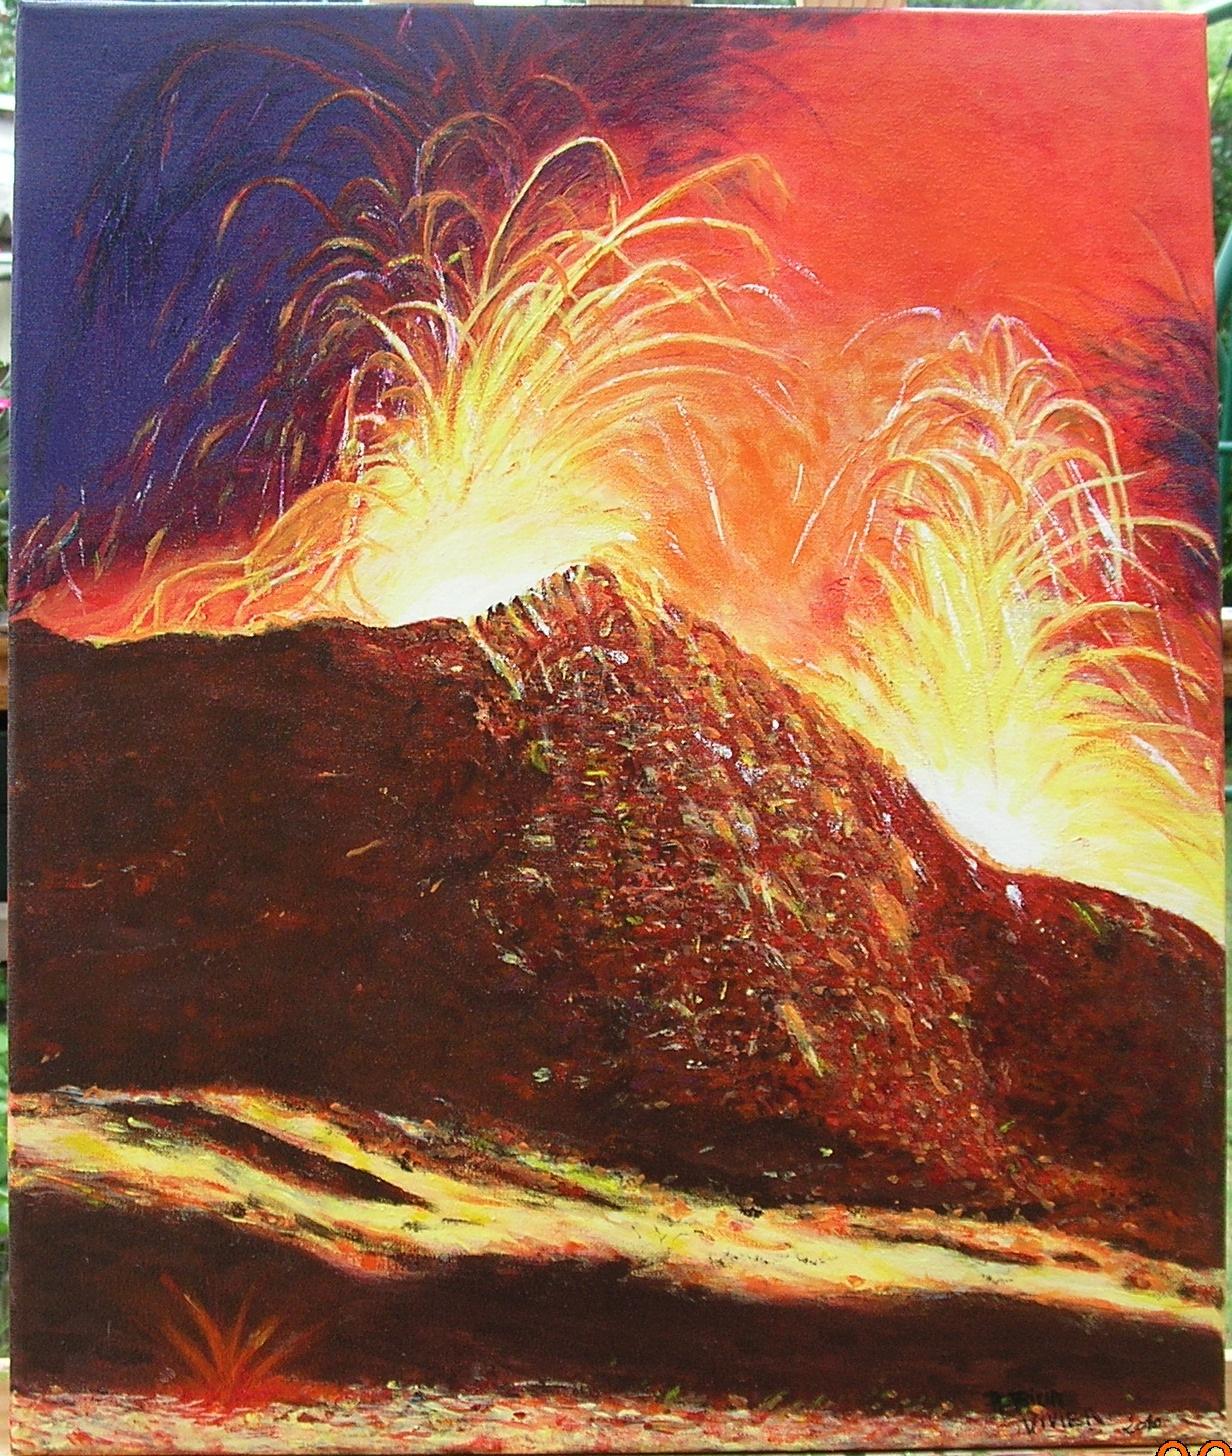 Peintures 2010 Volcan Piton De La Fournaise Reunion Page 9099 Oeuvres D Artistes